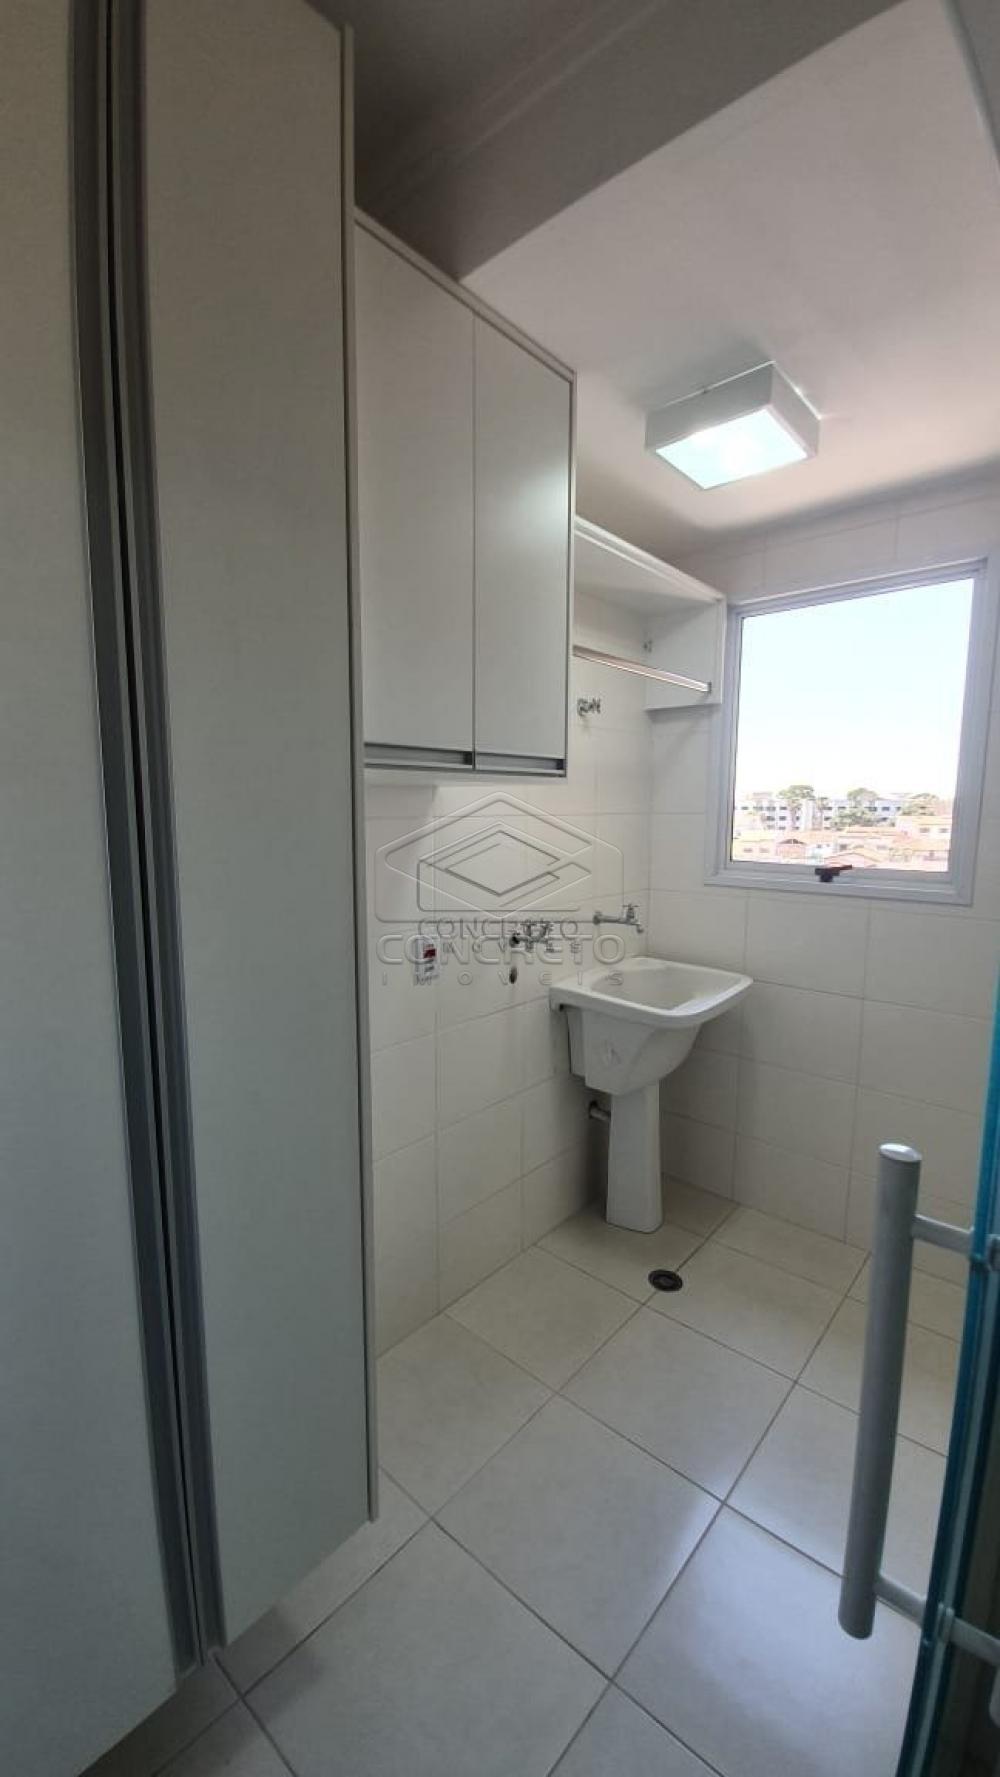 Comprar Apartamento / Padrão em Bauru R$ 490.000,00 - Foto 5